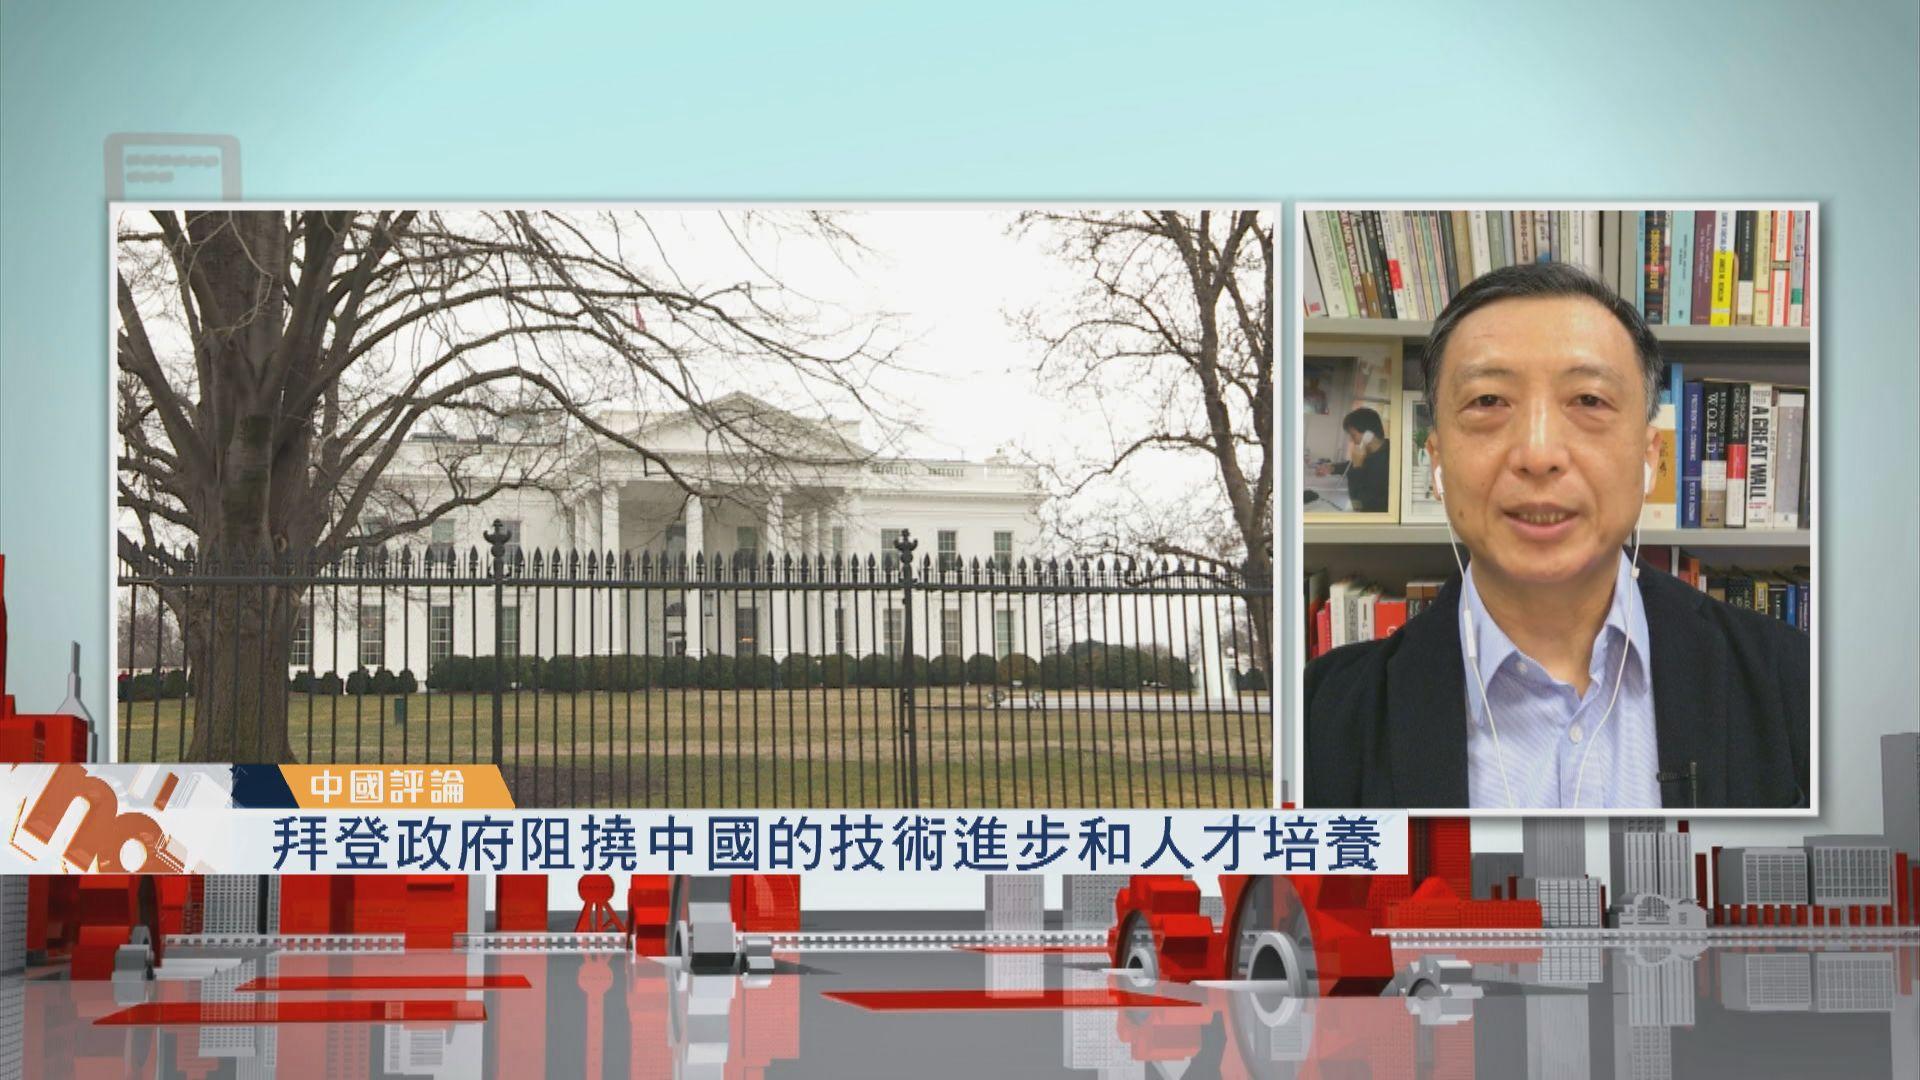 【中國評論】中美競爭加劇